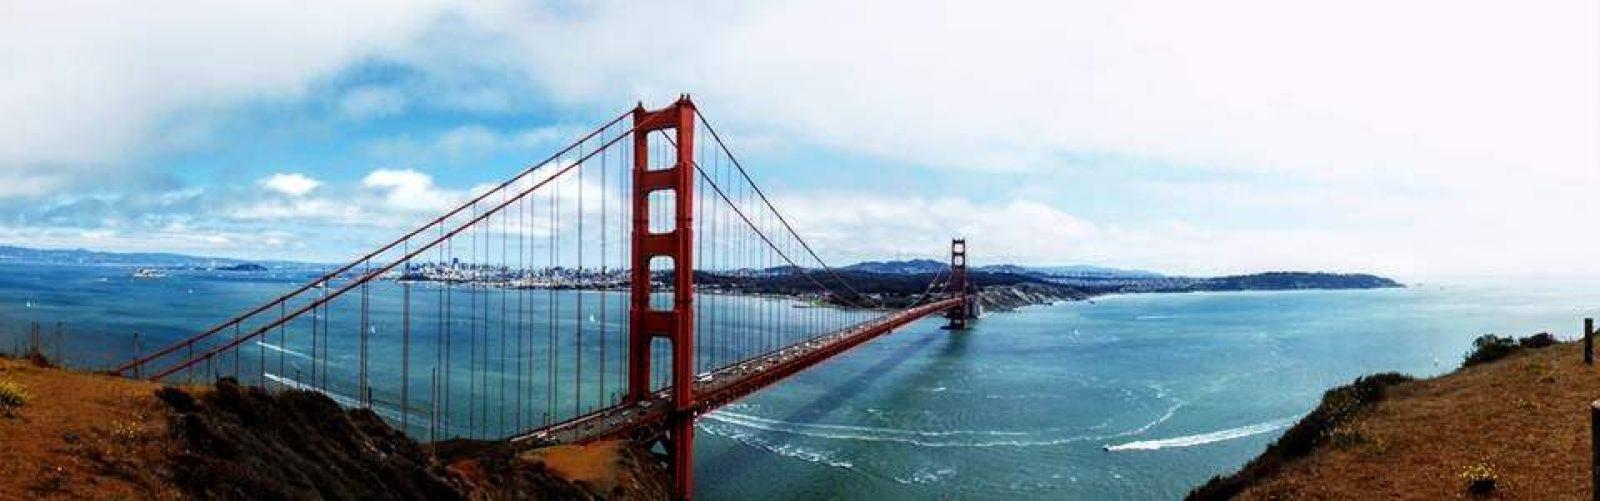 Hibiscus & Nomada : - - Golden Gate Bridge